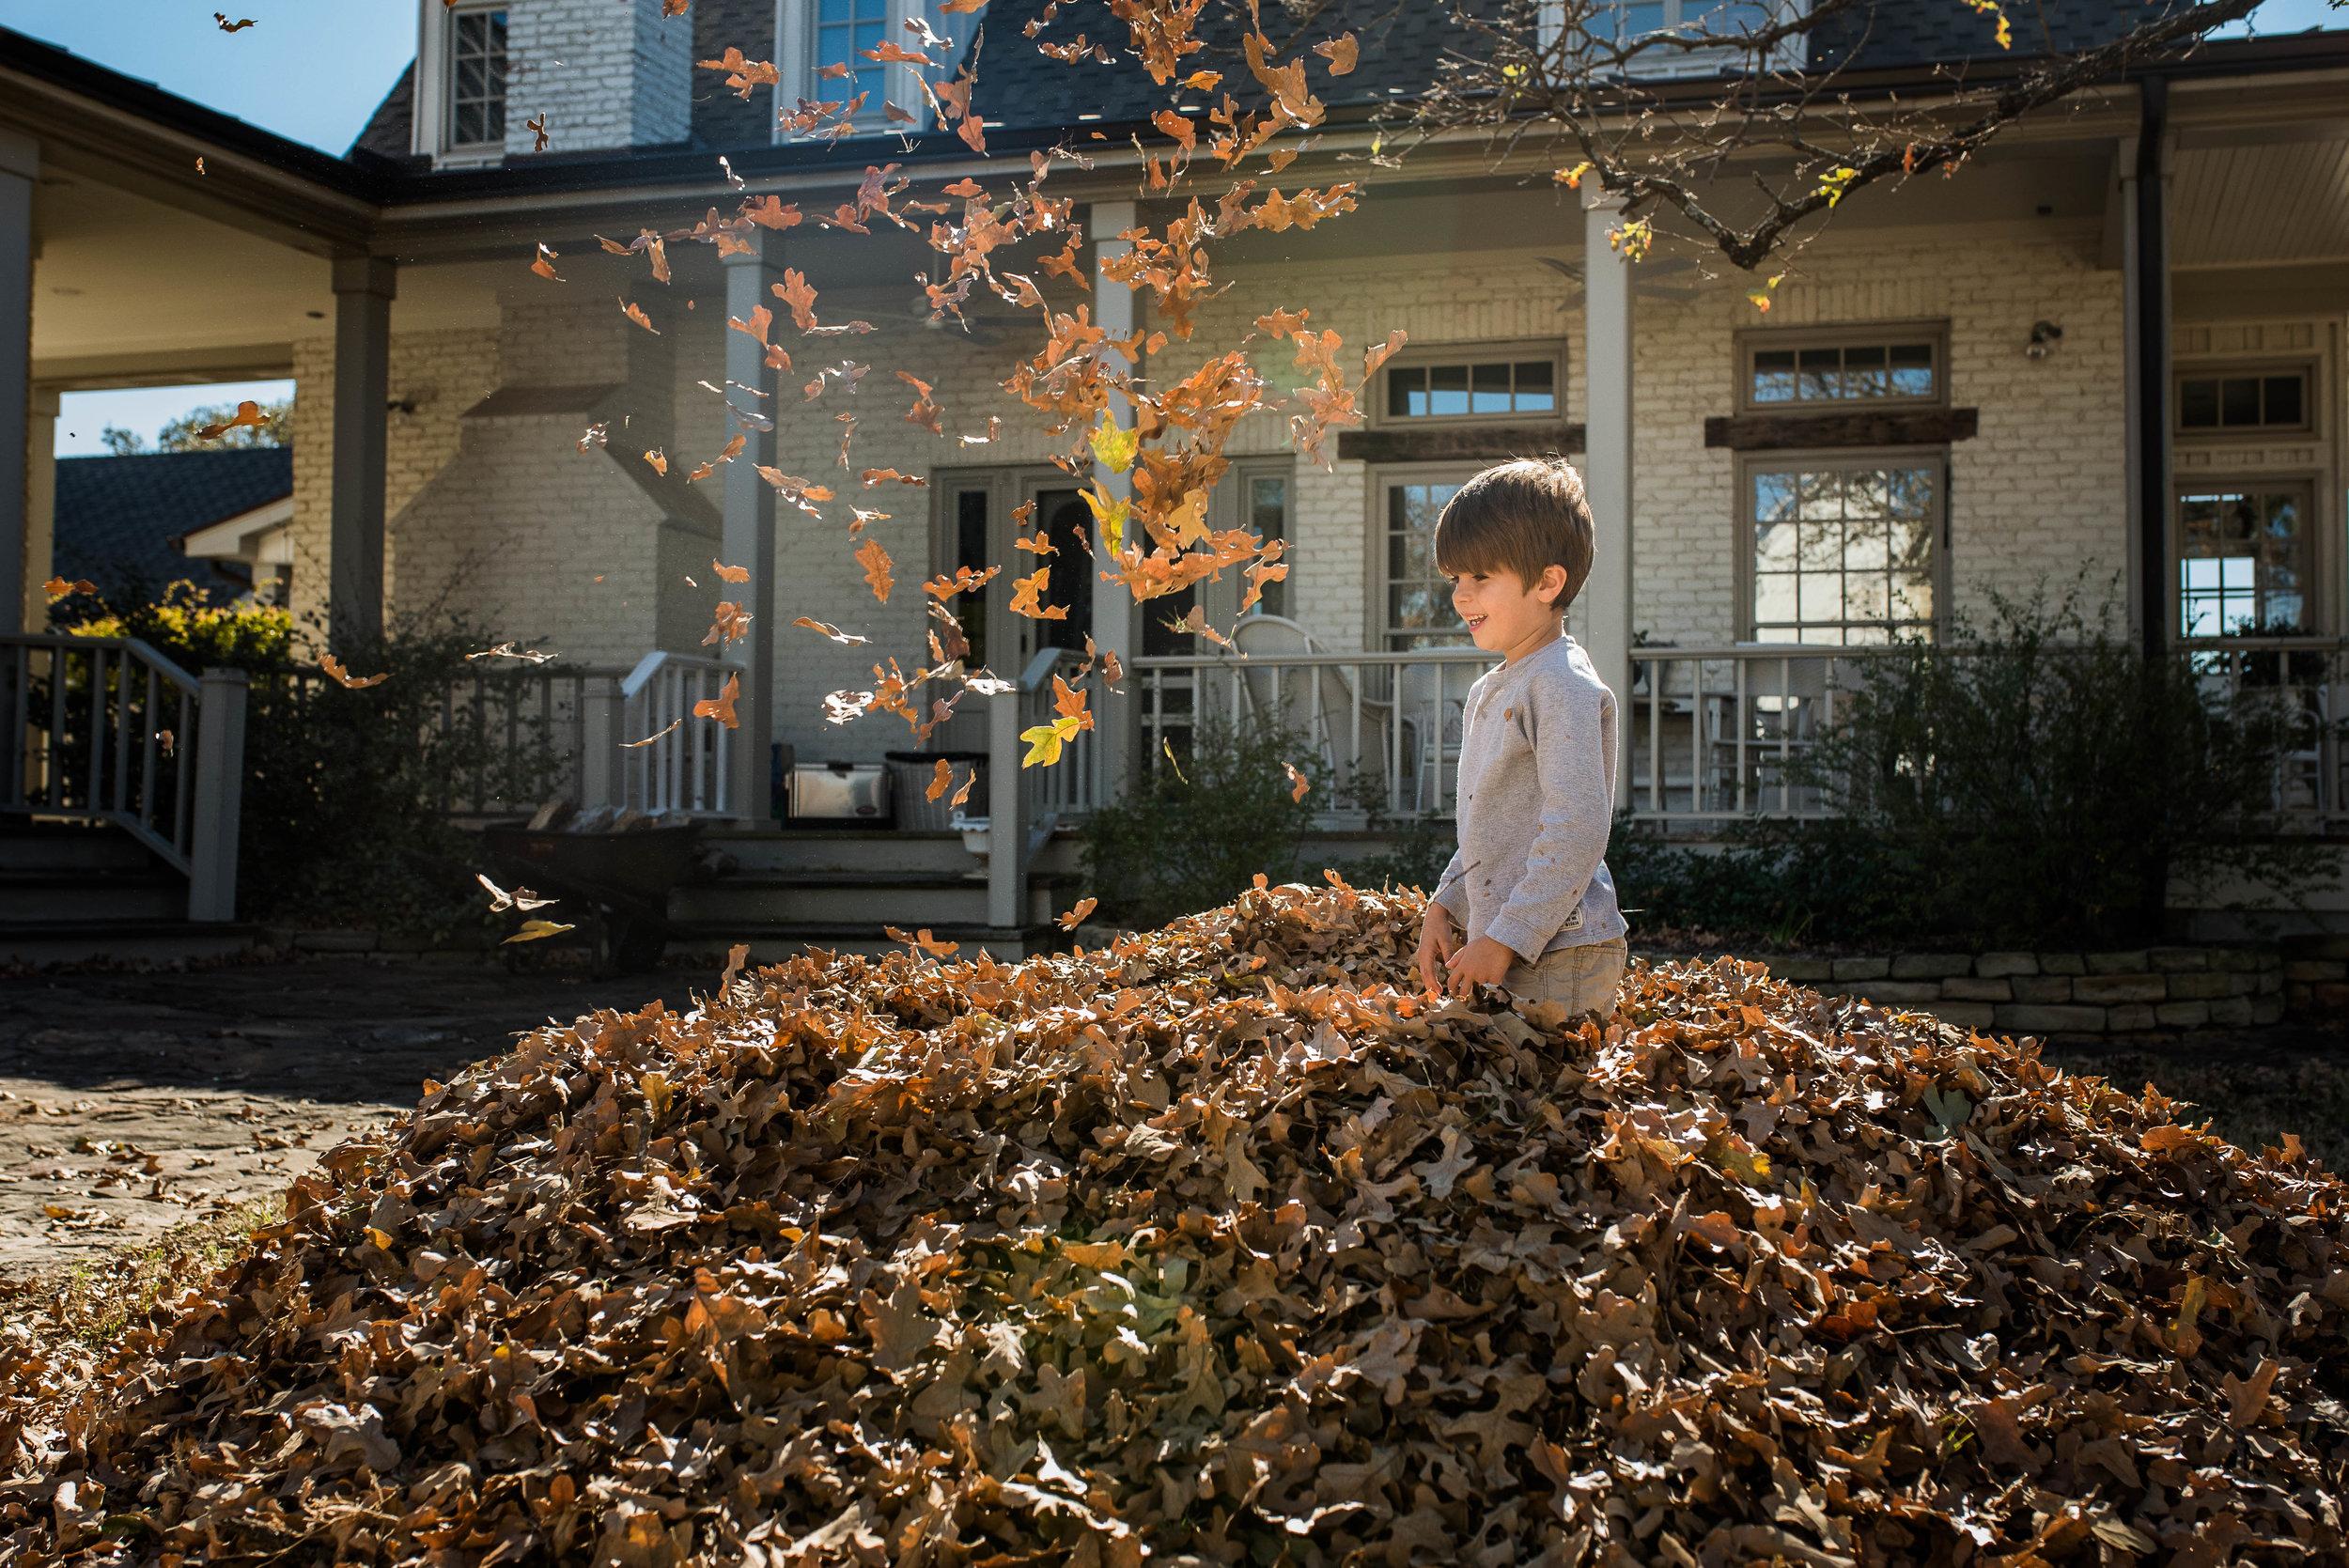 The leaf pile got bigger!